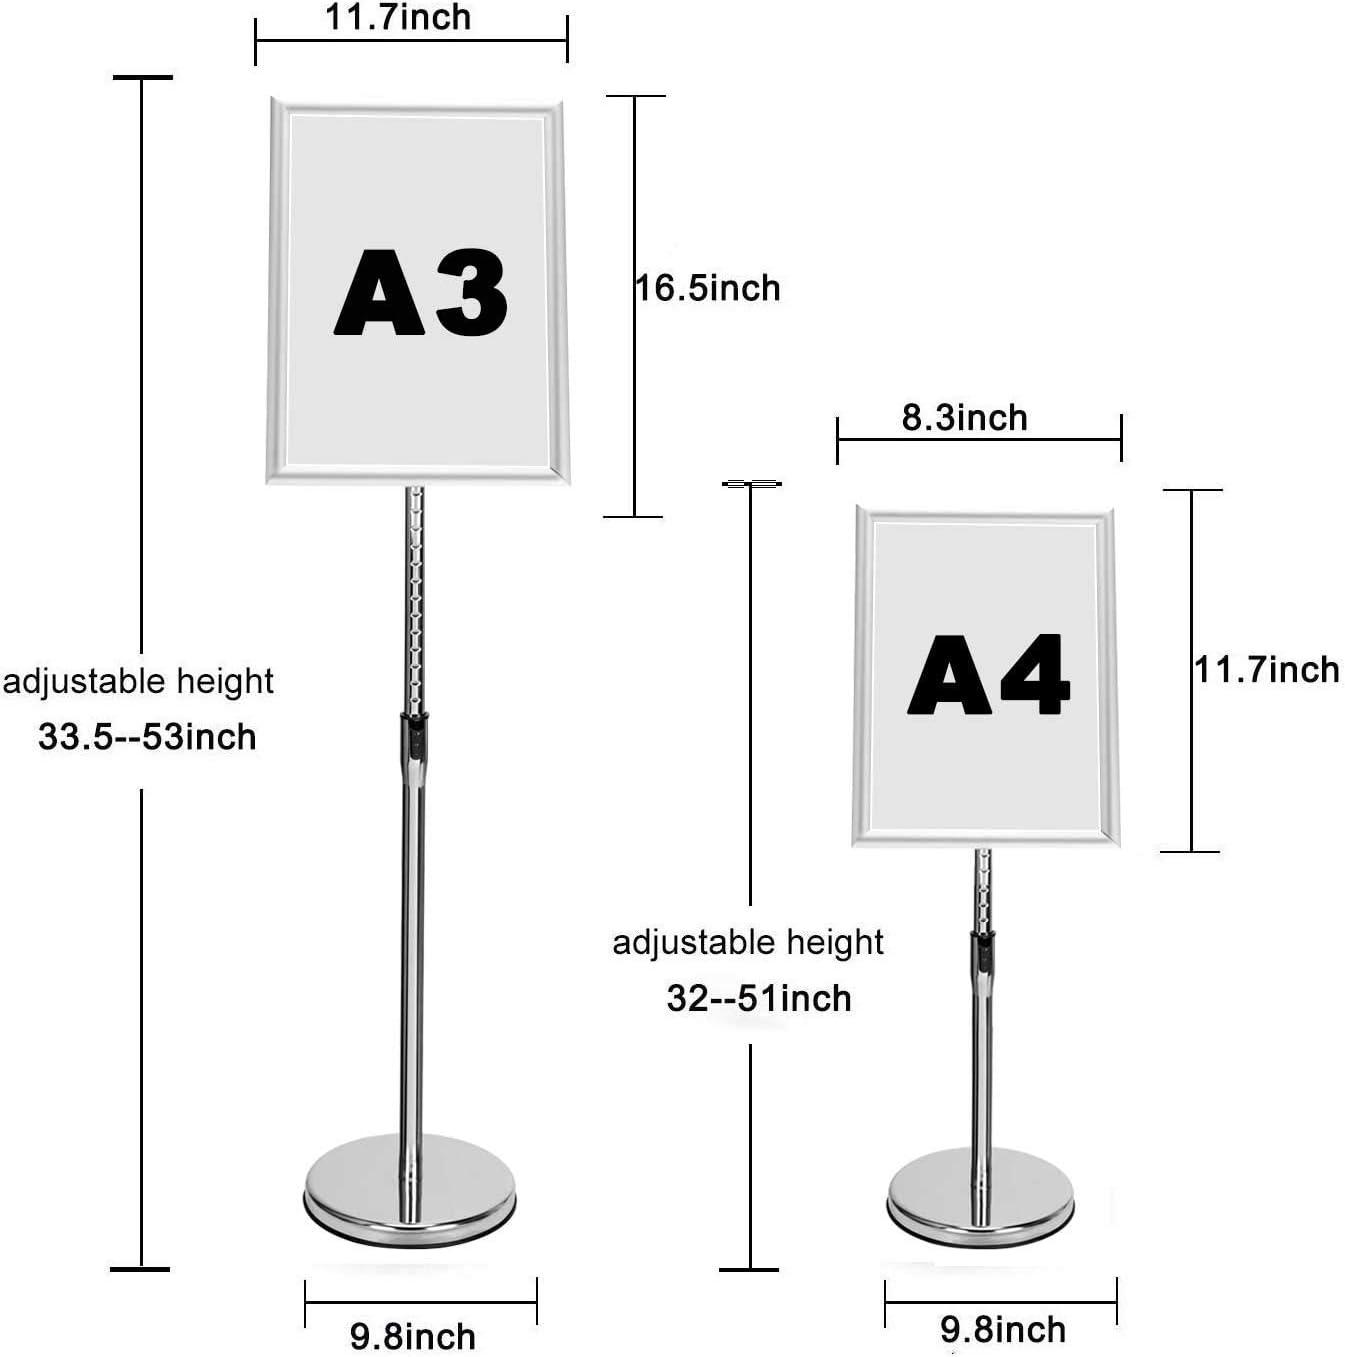 Soporte para avisos Plateado, A4 Soporte ajustable para letreros Soporte de p/óster reemplazable A3 Soporte para men/ús Soporte para letreros A4 Soportes de exhibici/ón de aluminio para pisos